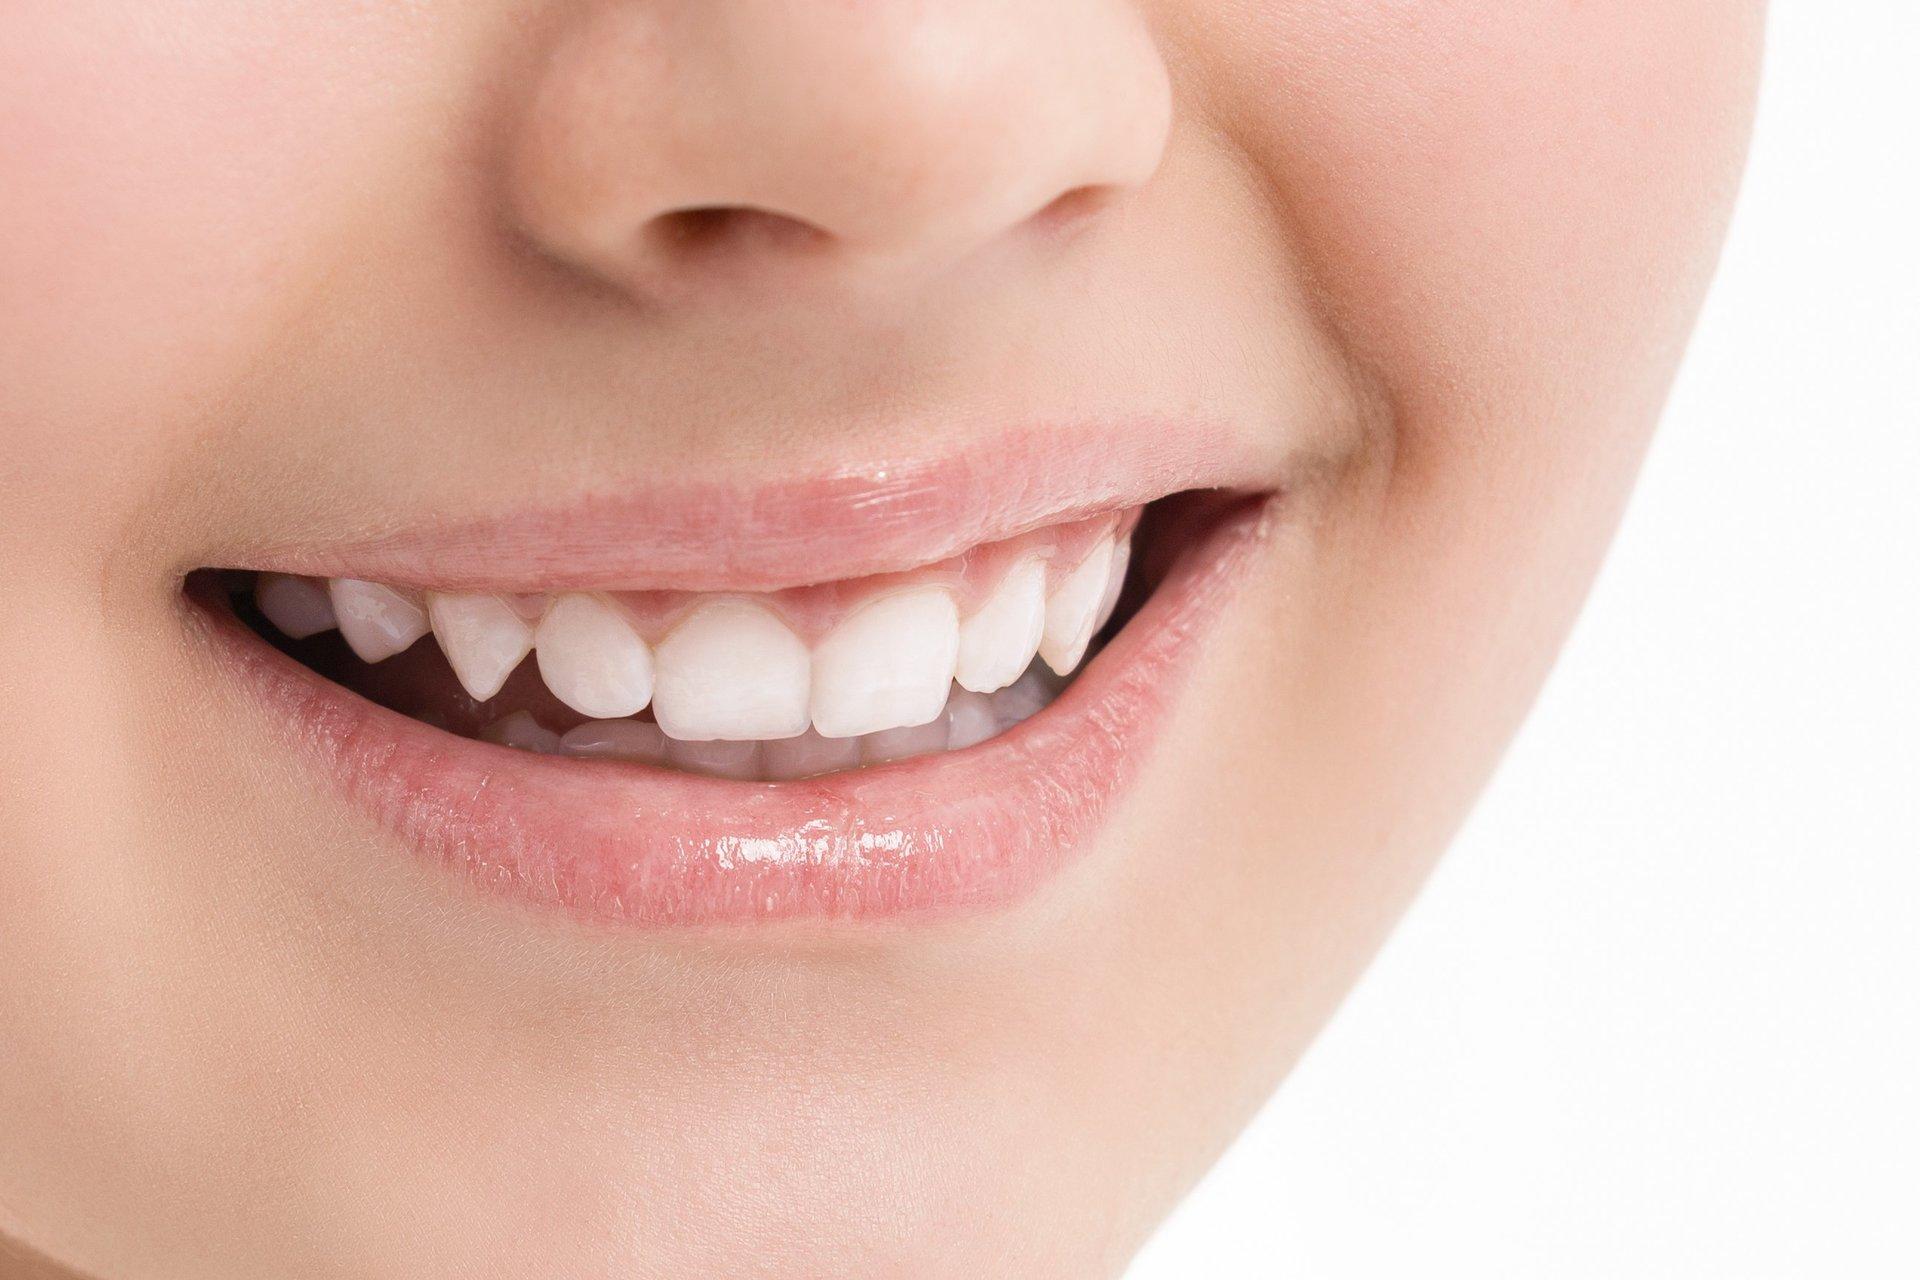 donna sorridente con i denti sani